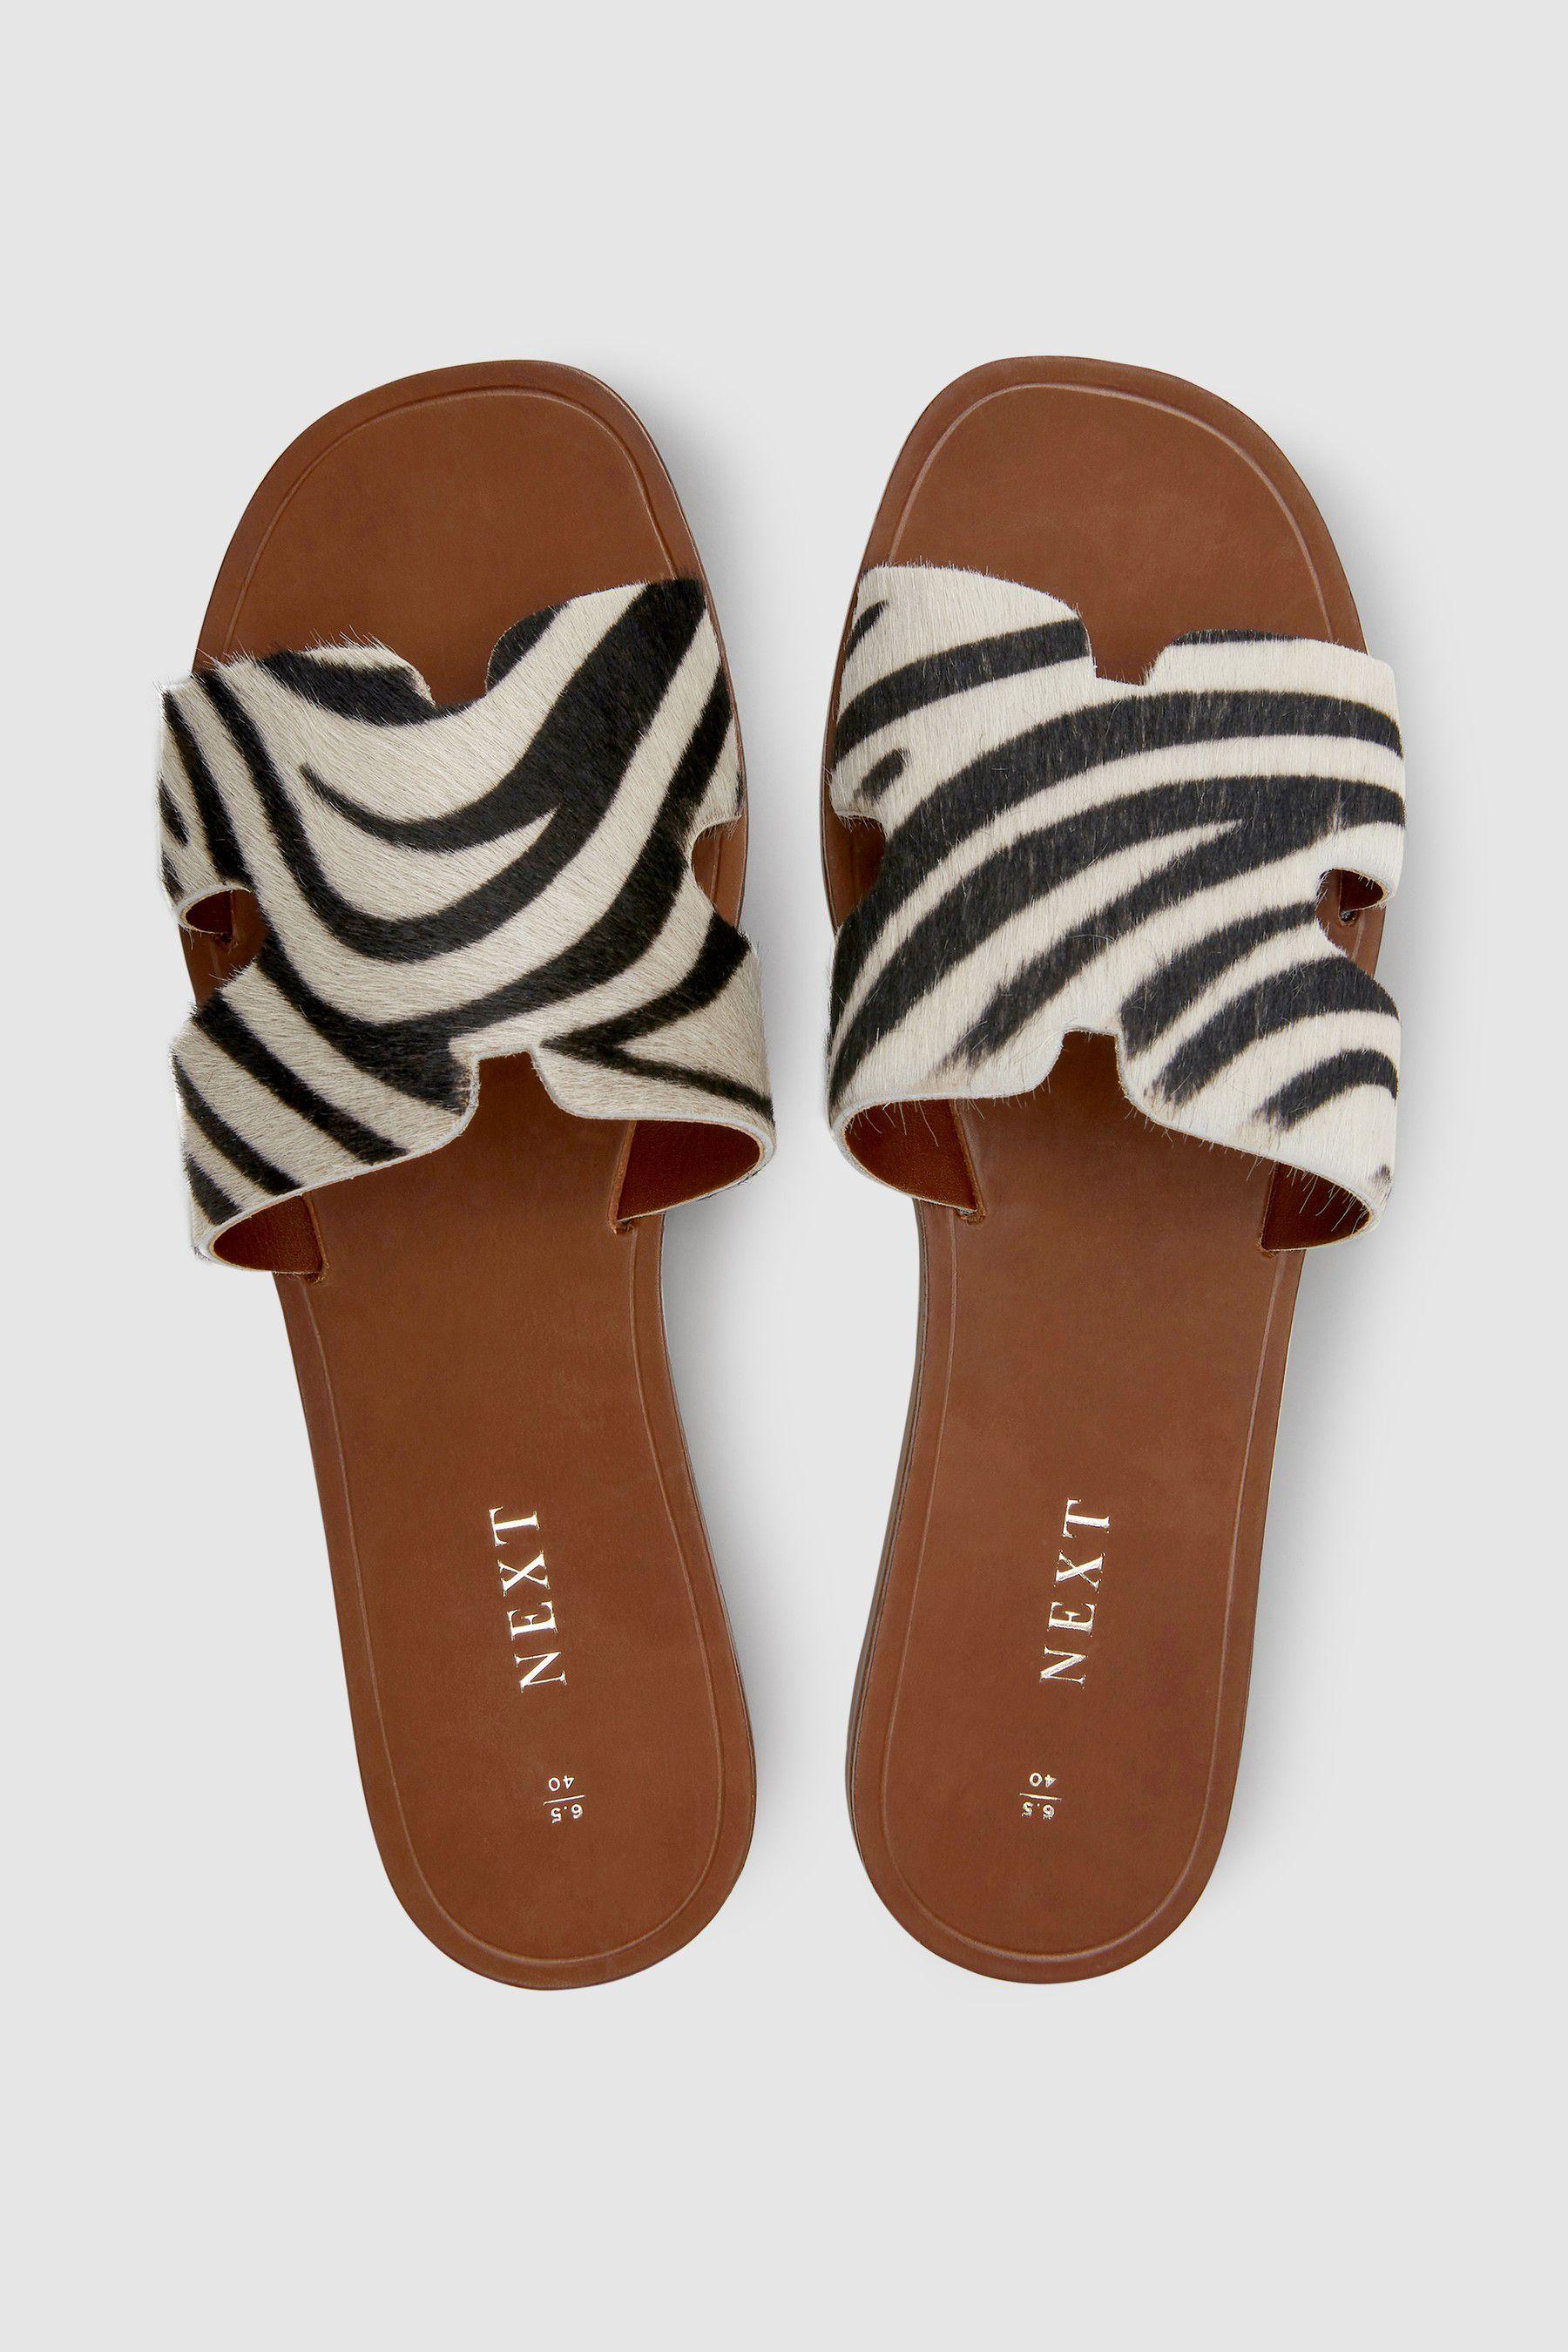 6a9d7338c1e9 30 Best Sandals For Summer